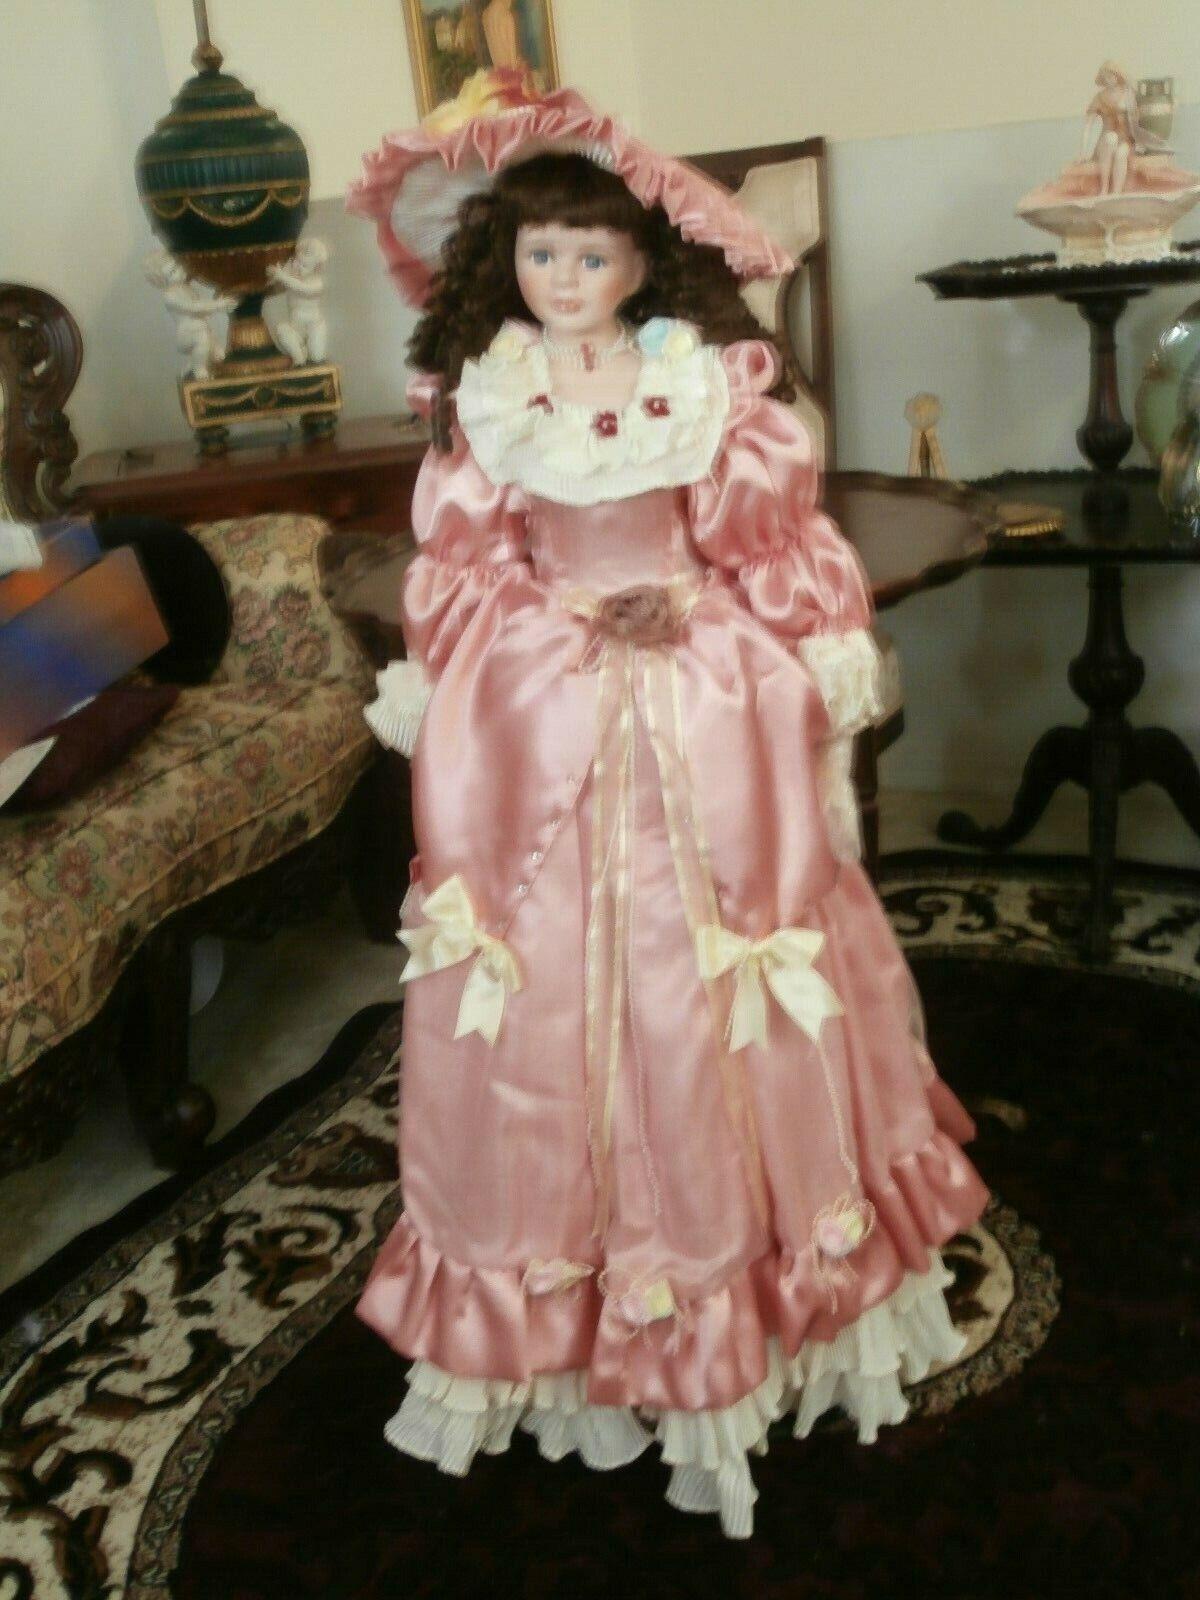 Vintage genuina Muñeca De Porcelana Grande 42 Pulgadas Nuevo En Obra Maestra vida como